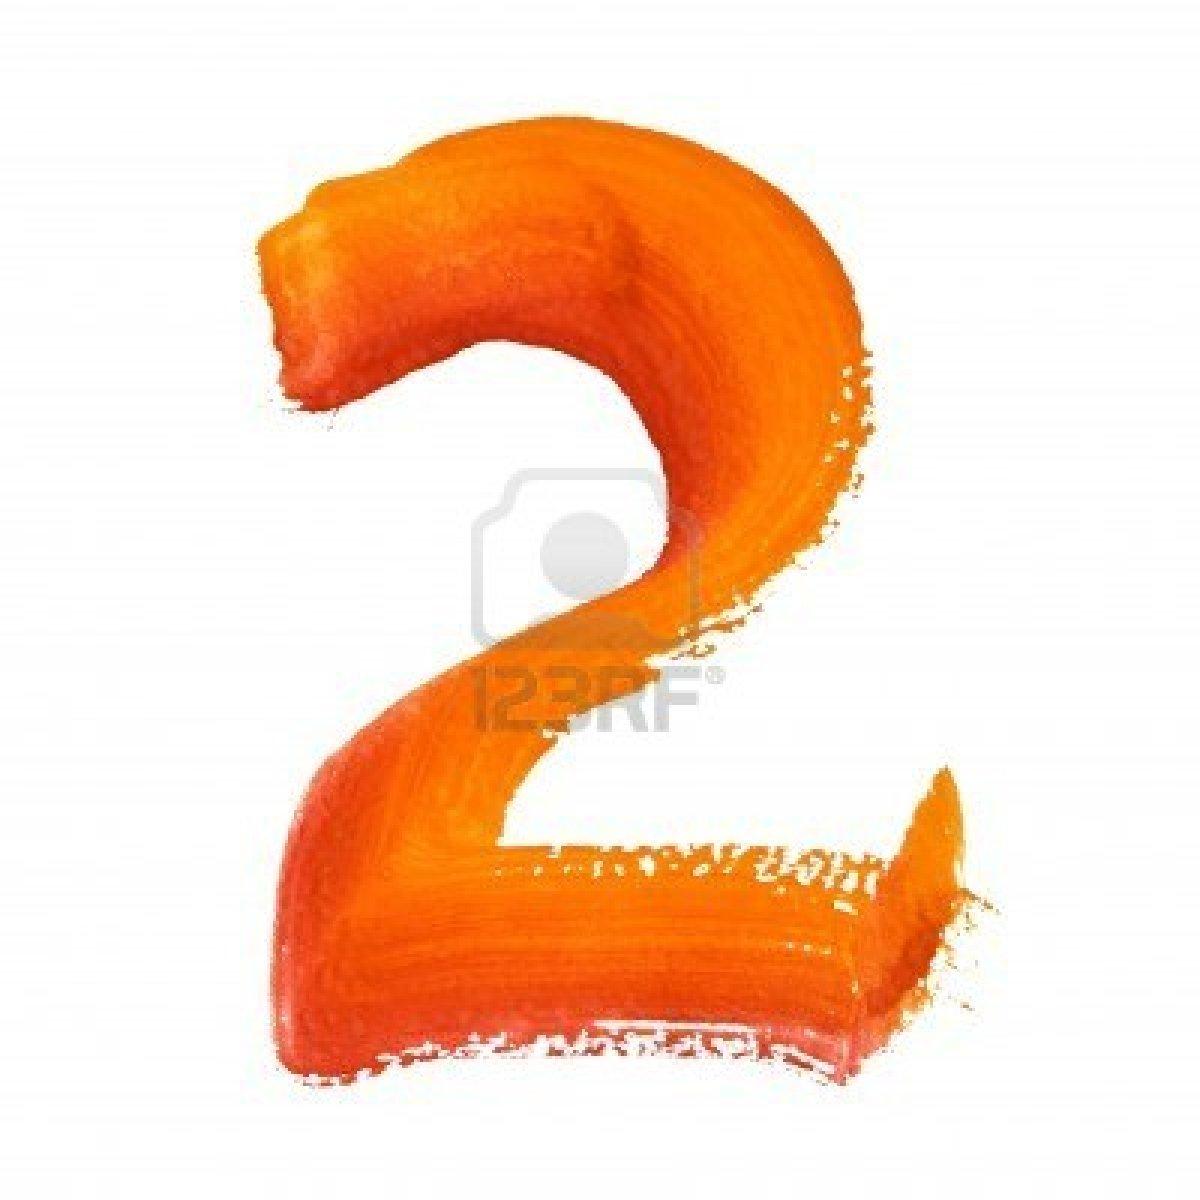 dessins en couleurs imprimer chiffre deux num ro 23544. Black Bedroom Furniture Sets. Home Design Ideas